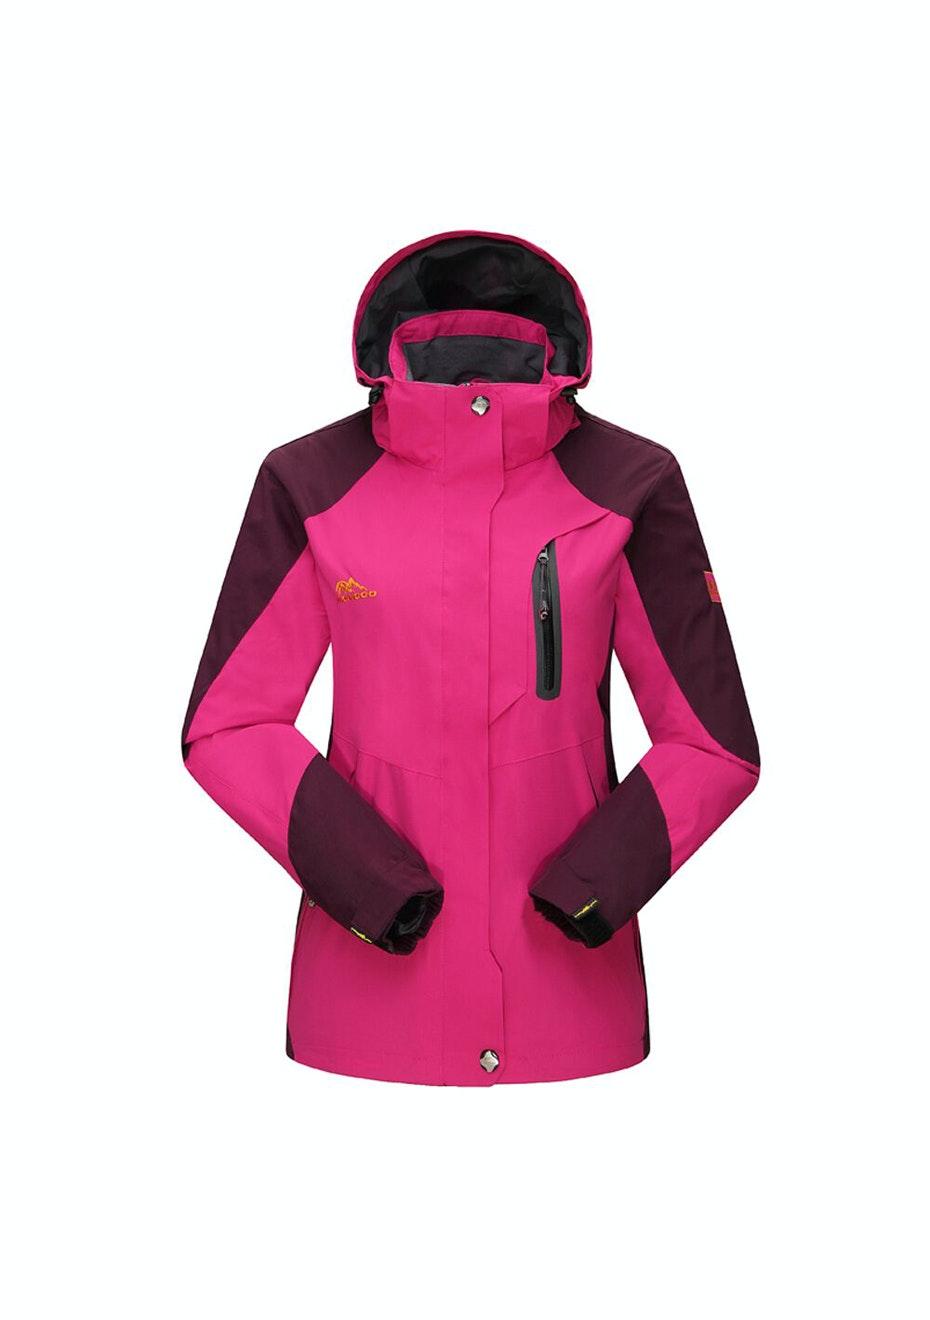 Women 2-in-1 WaterProof Jackets - Rose